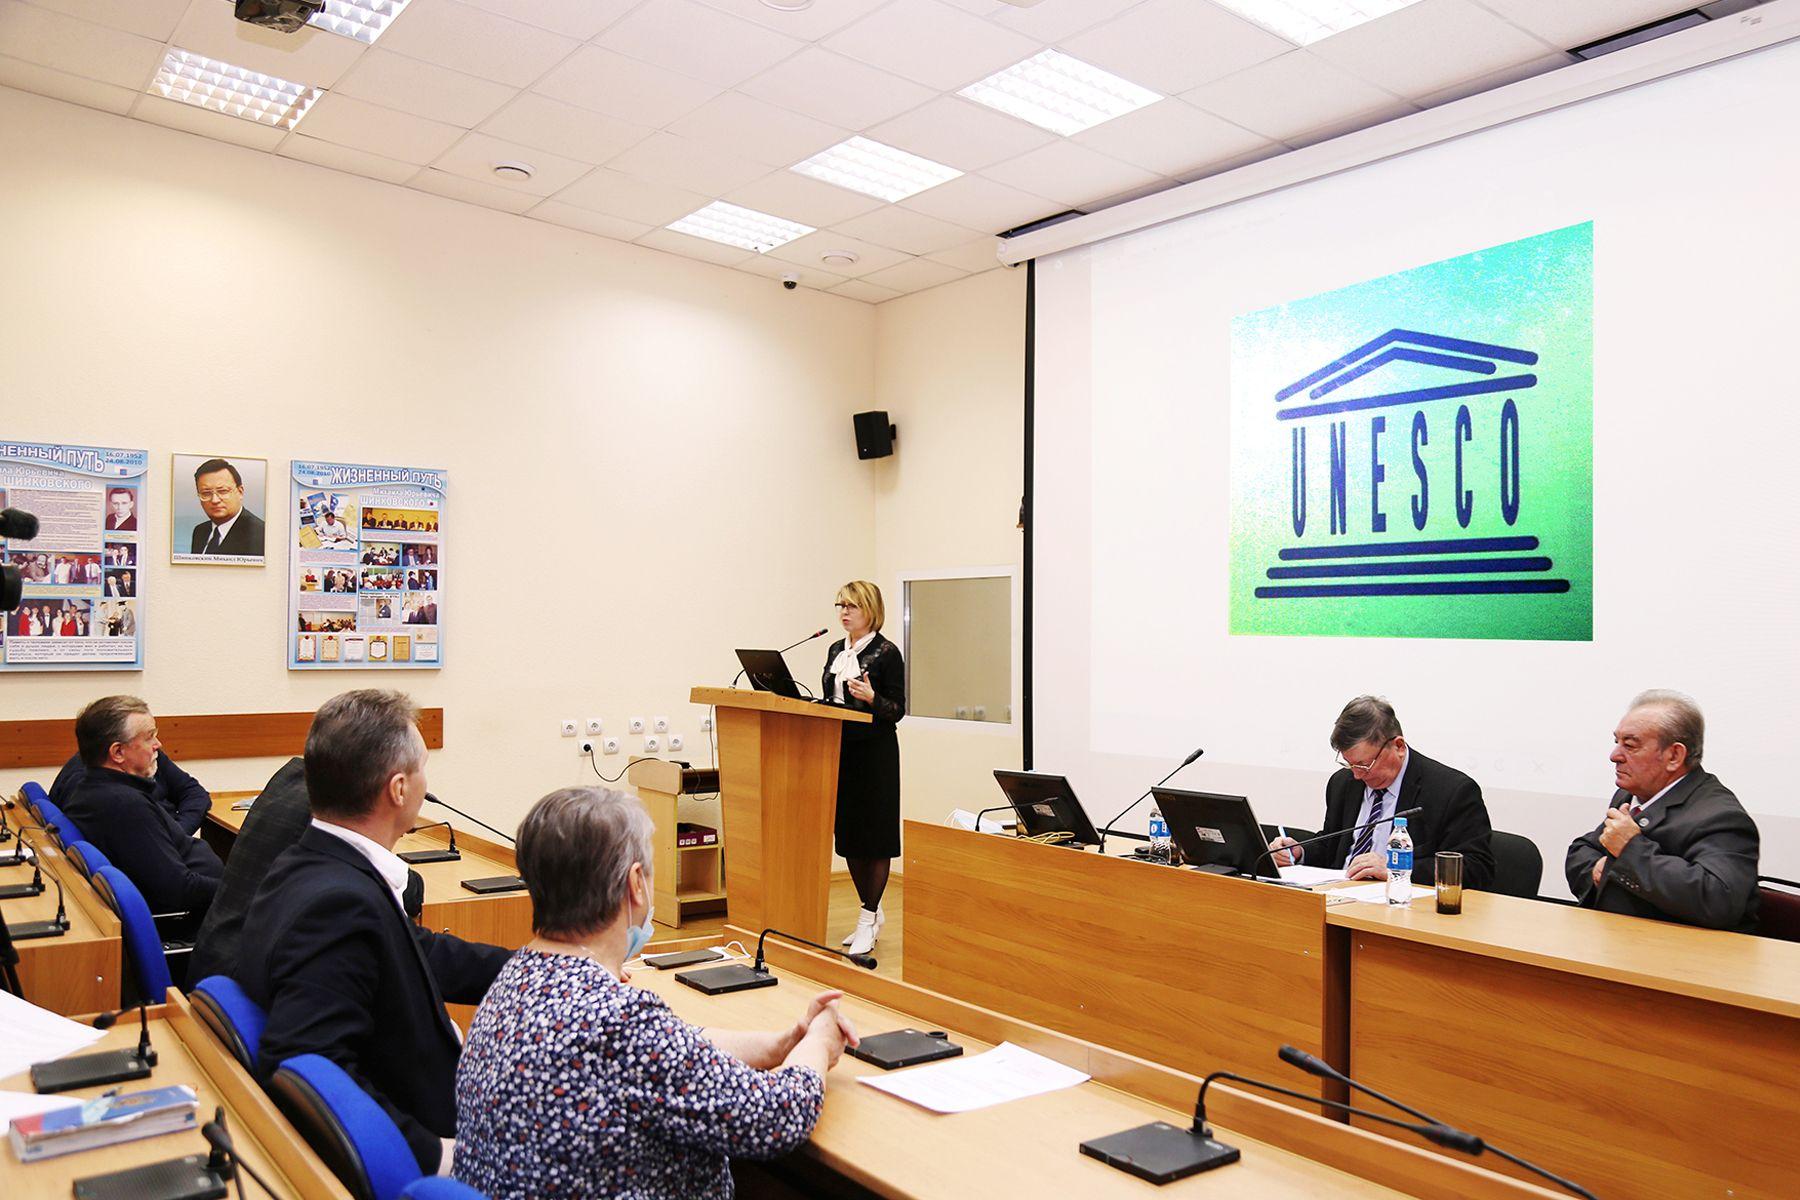 Председатель ДВ комитета Комиссии РФ по делам ЮНЕСКО, ректор ВГУЭС Татьяна Терентьева подвела итоги работы комитета за 2020 год